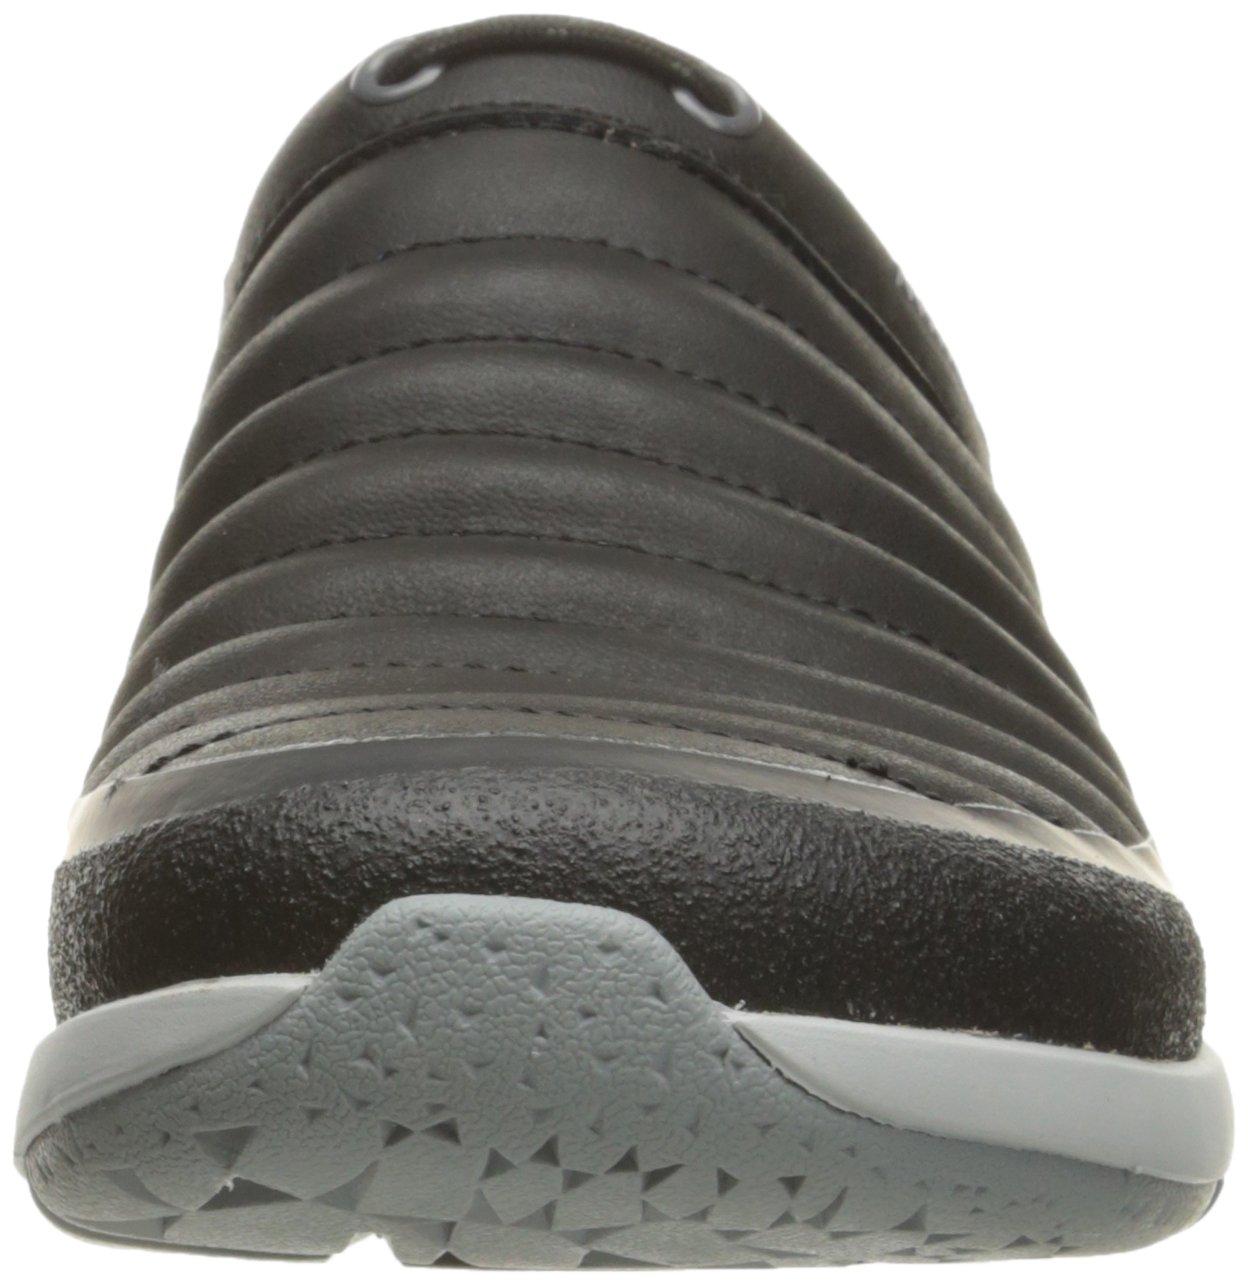 Merrell Women's Applaud Slide Slip-On Shoe, Black, 9.5 M US by Merrell (Image #4)